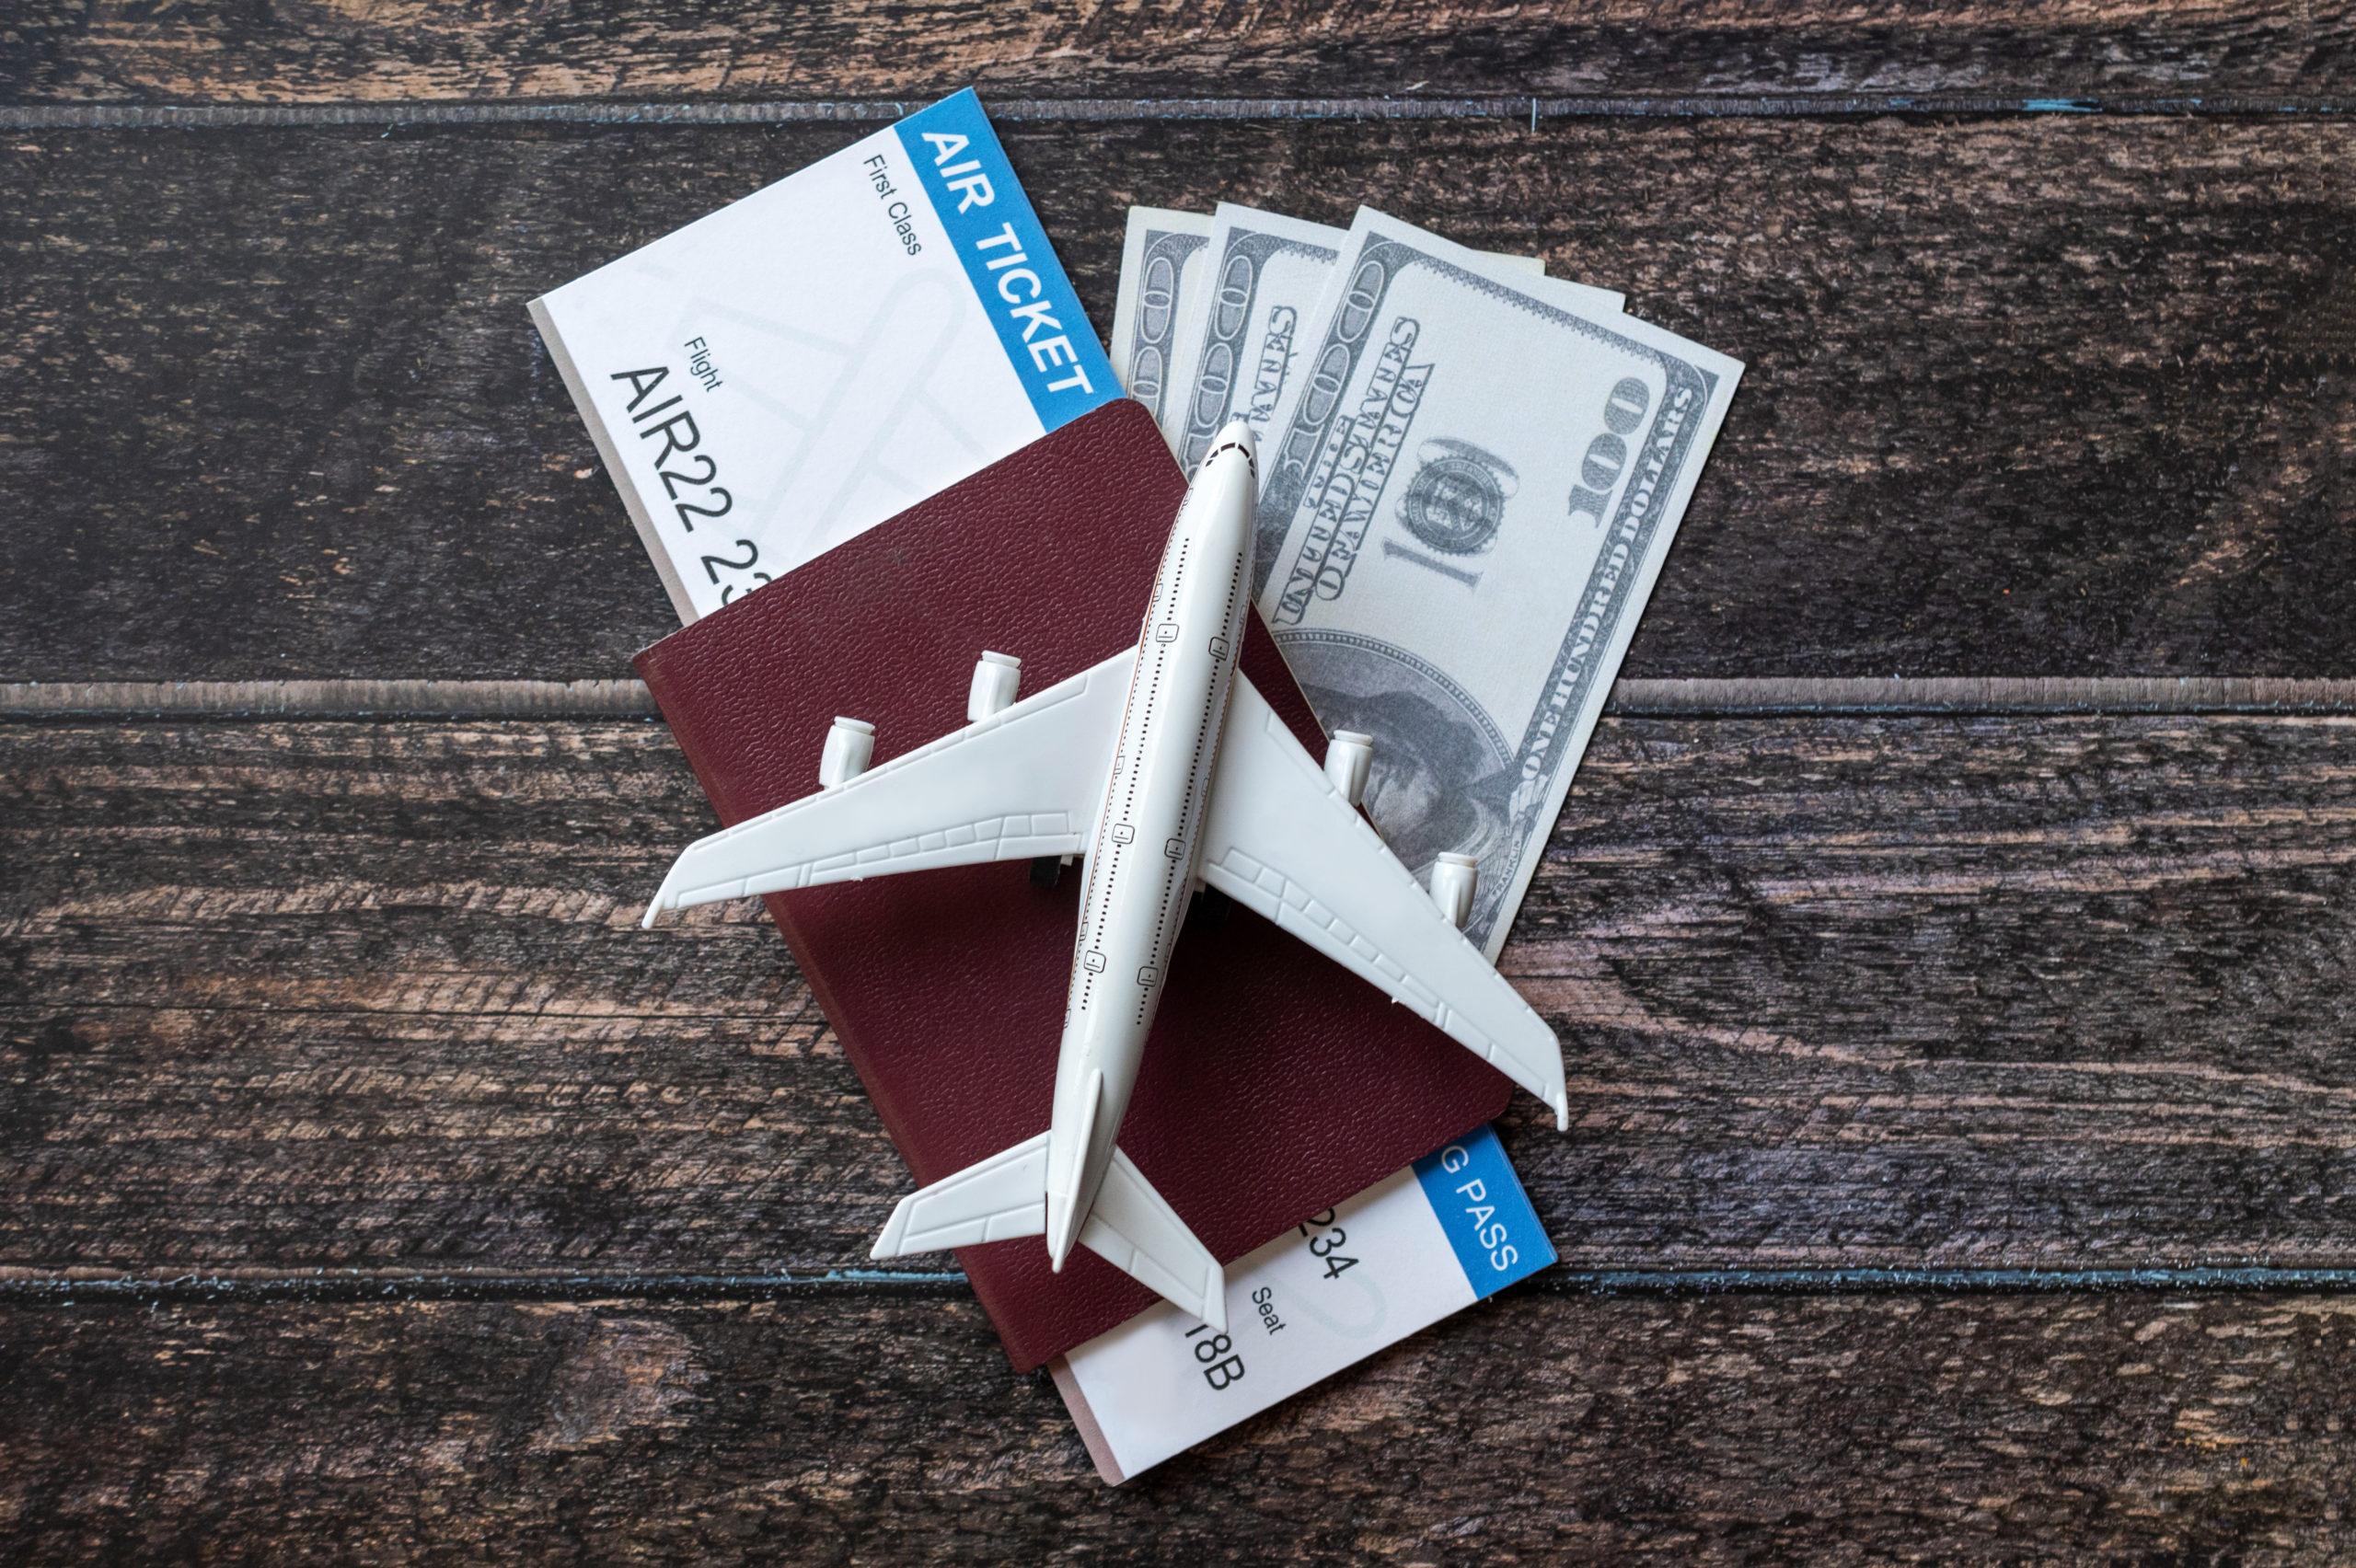 Alteração, cancelamento e reembolso de voo: como fazer?